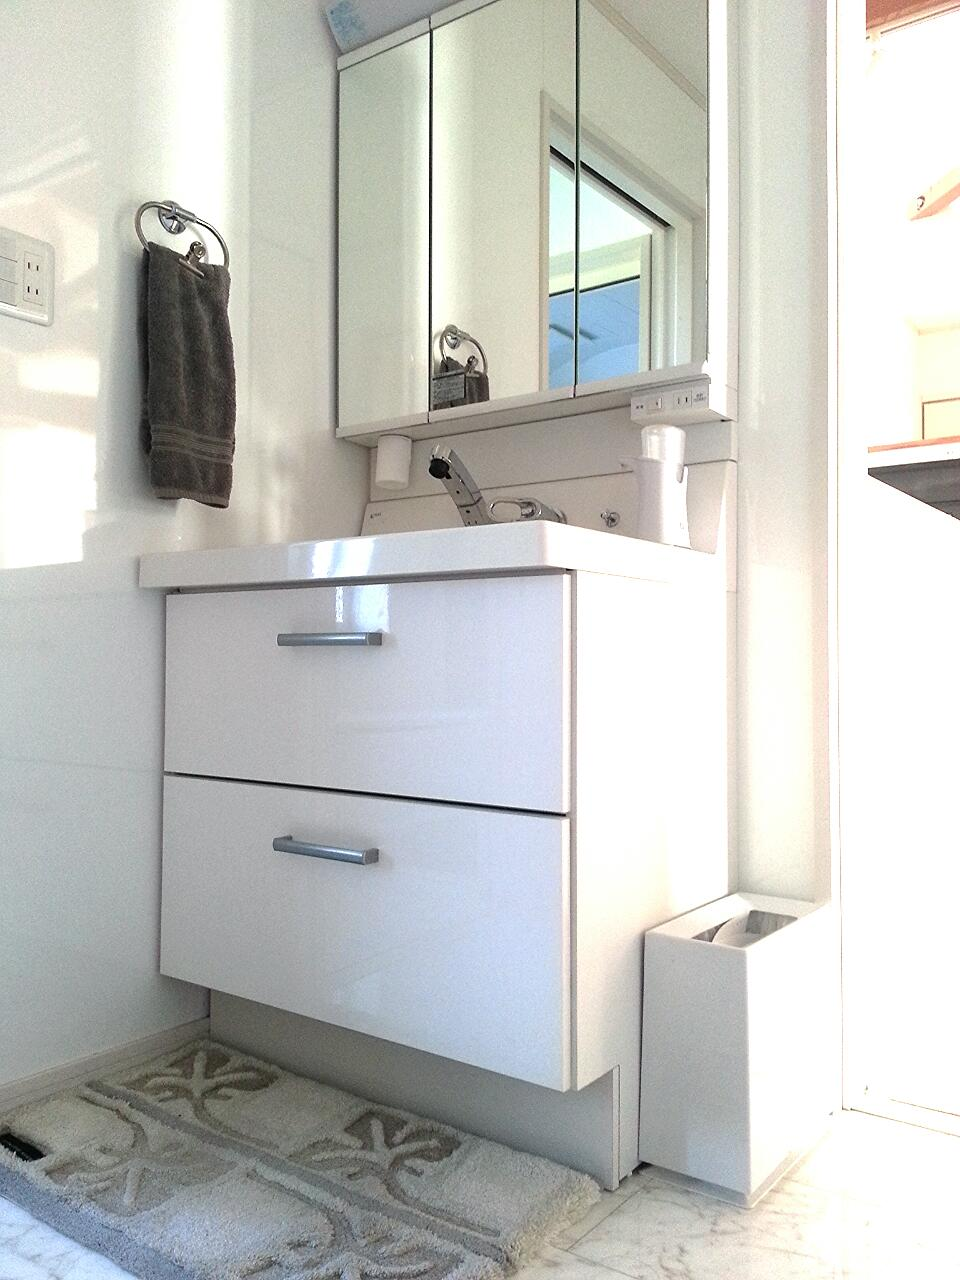 洗面台 ピアラ 75㎝幅 ホワイトインテリア ideacoゴミ箱